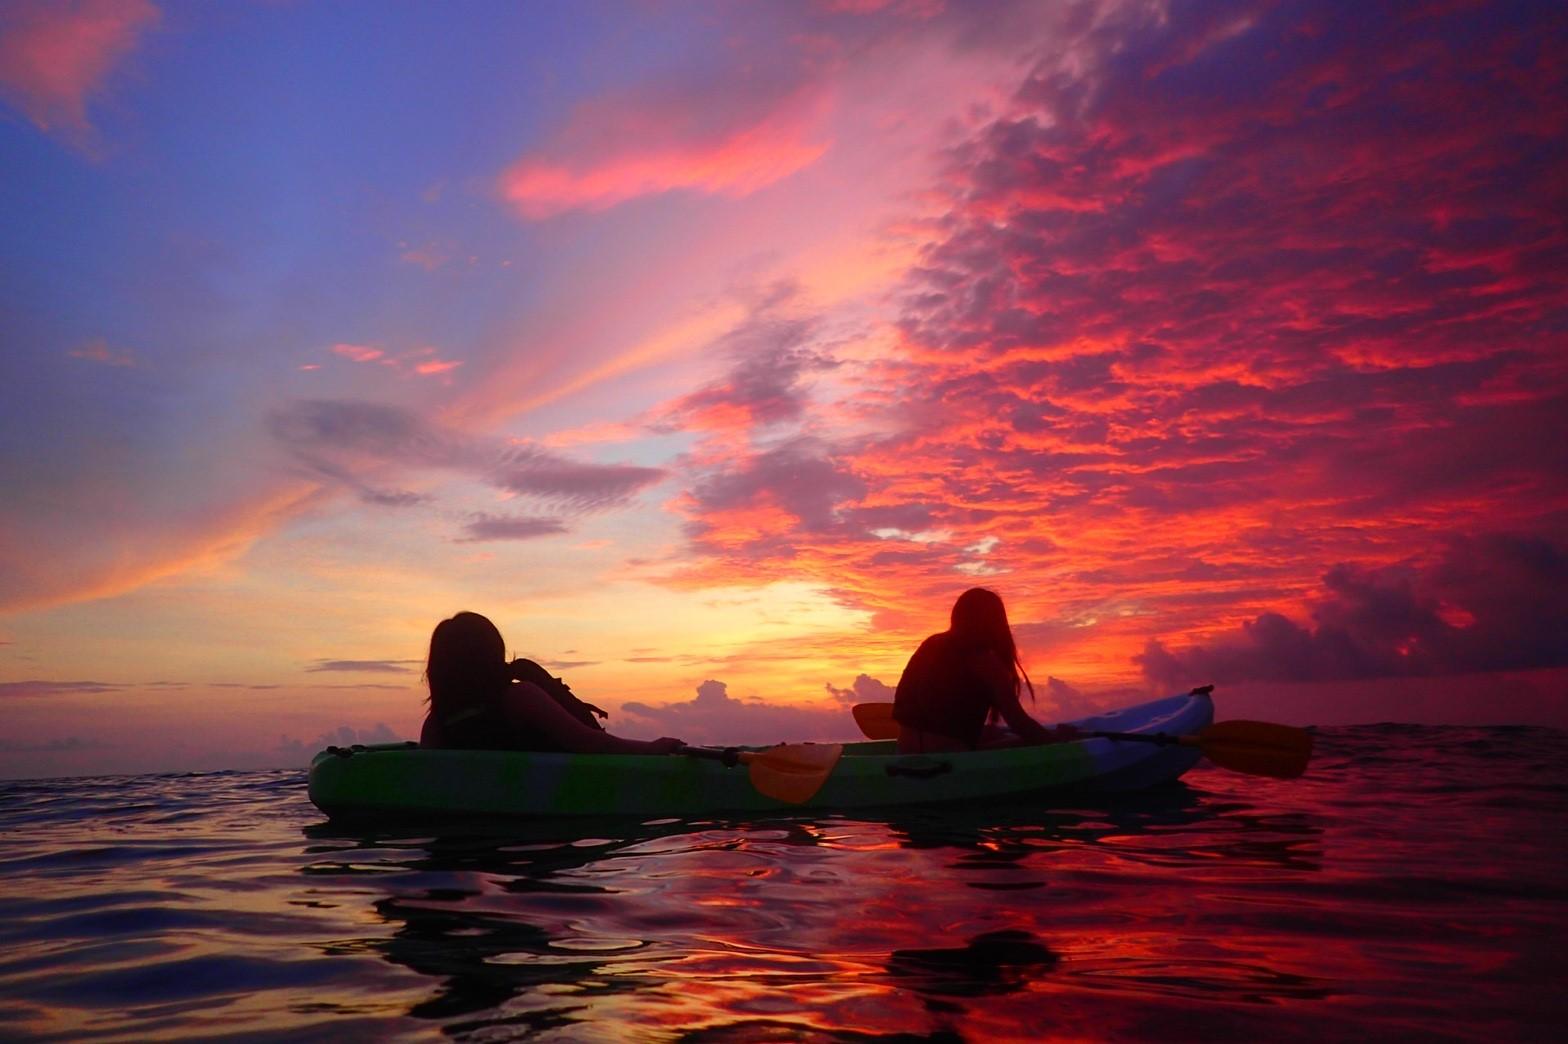 沖縄の読谷村で夕暮れの中をシーカヤックで進む